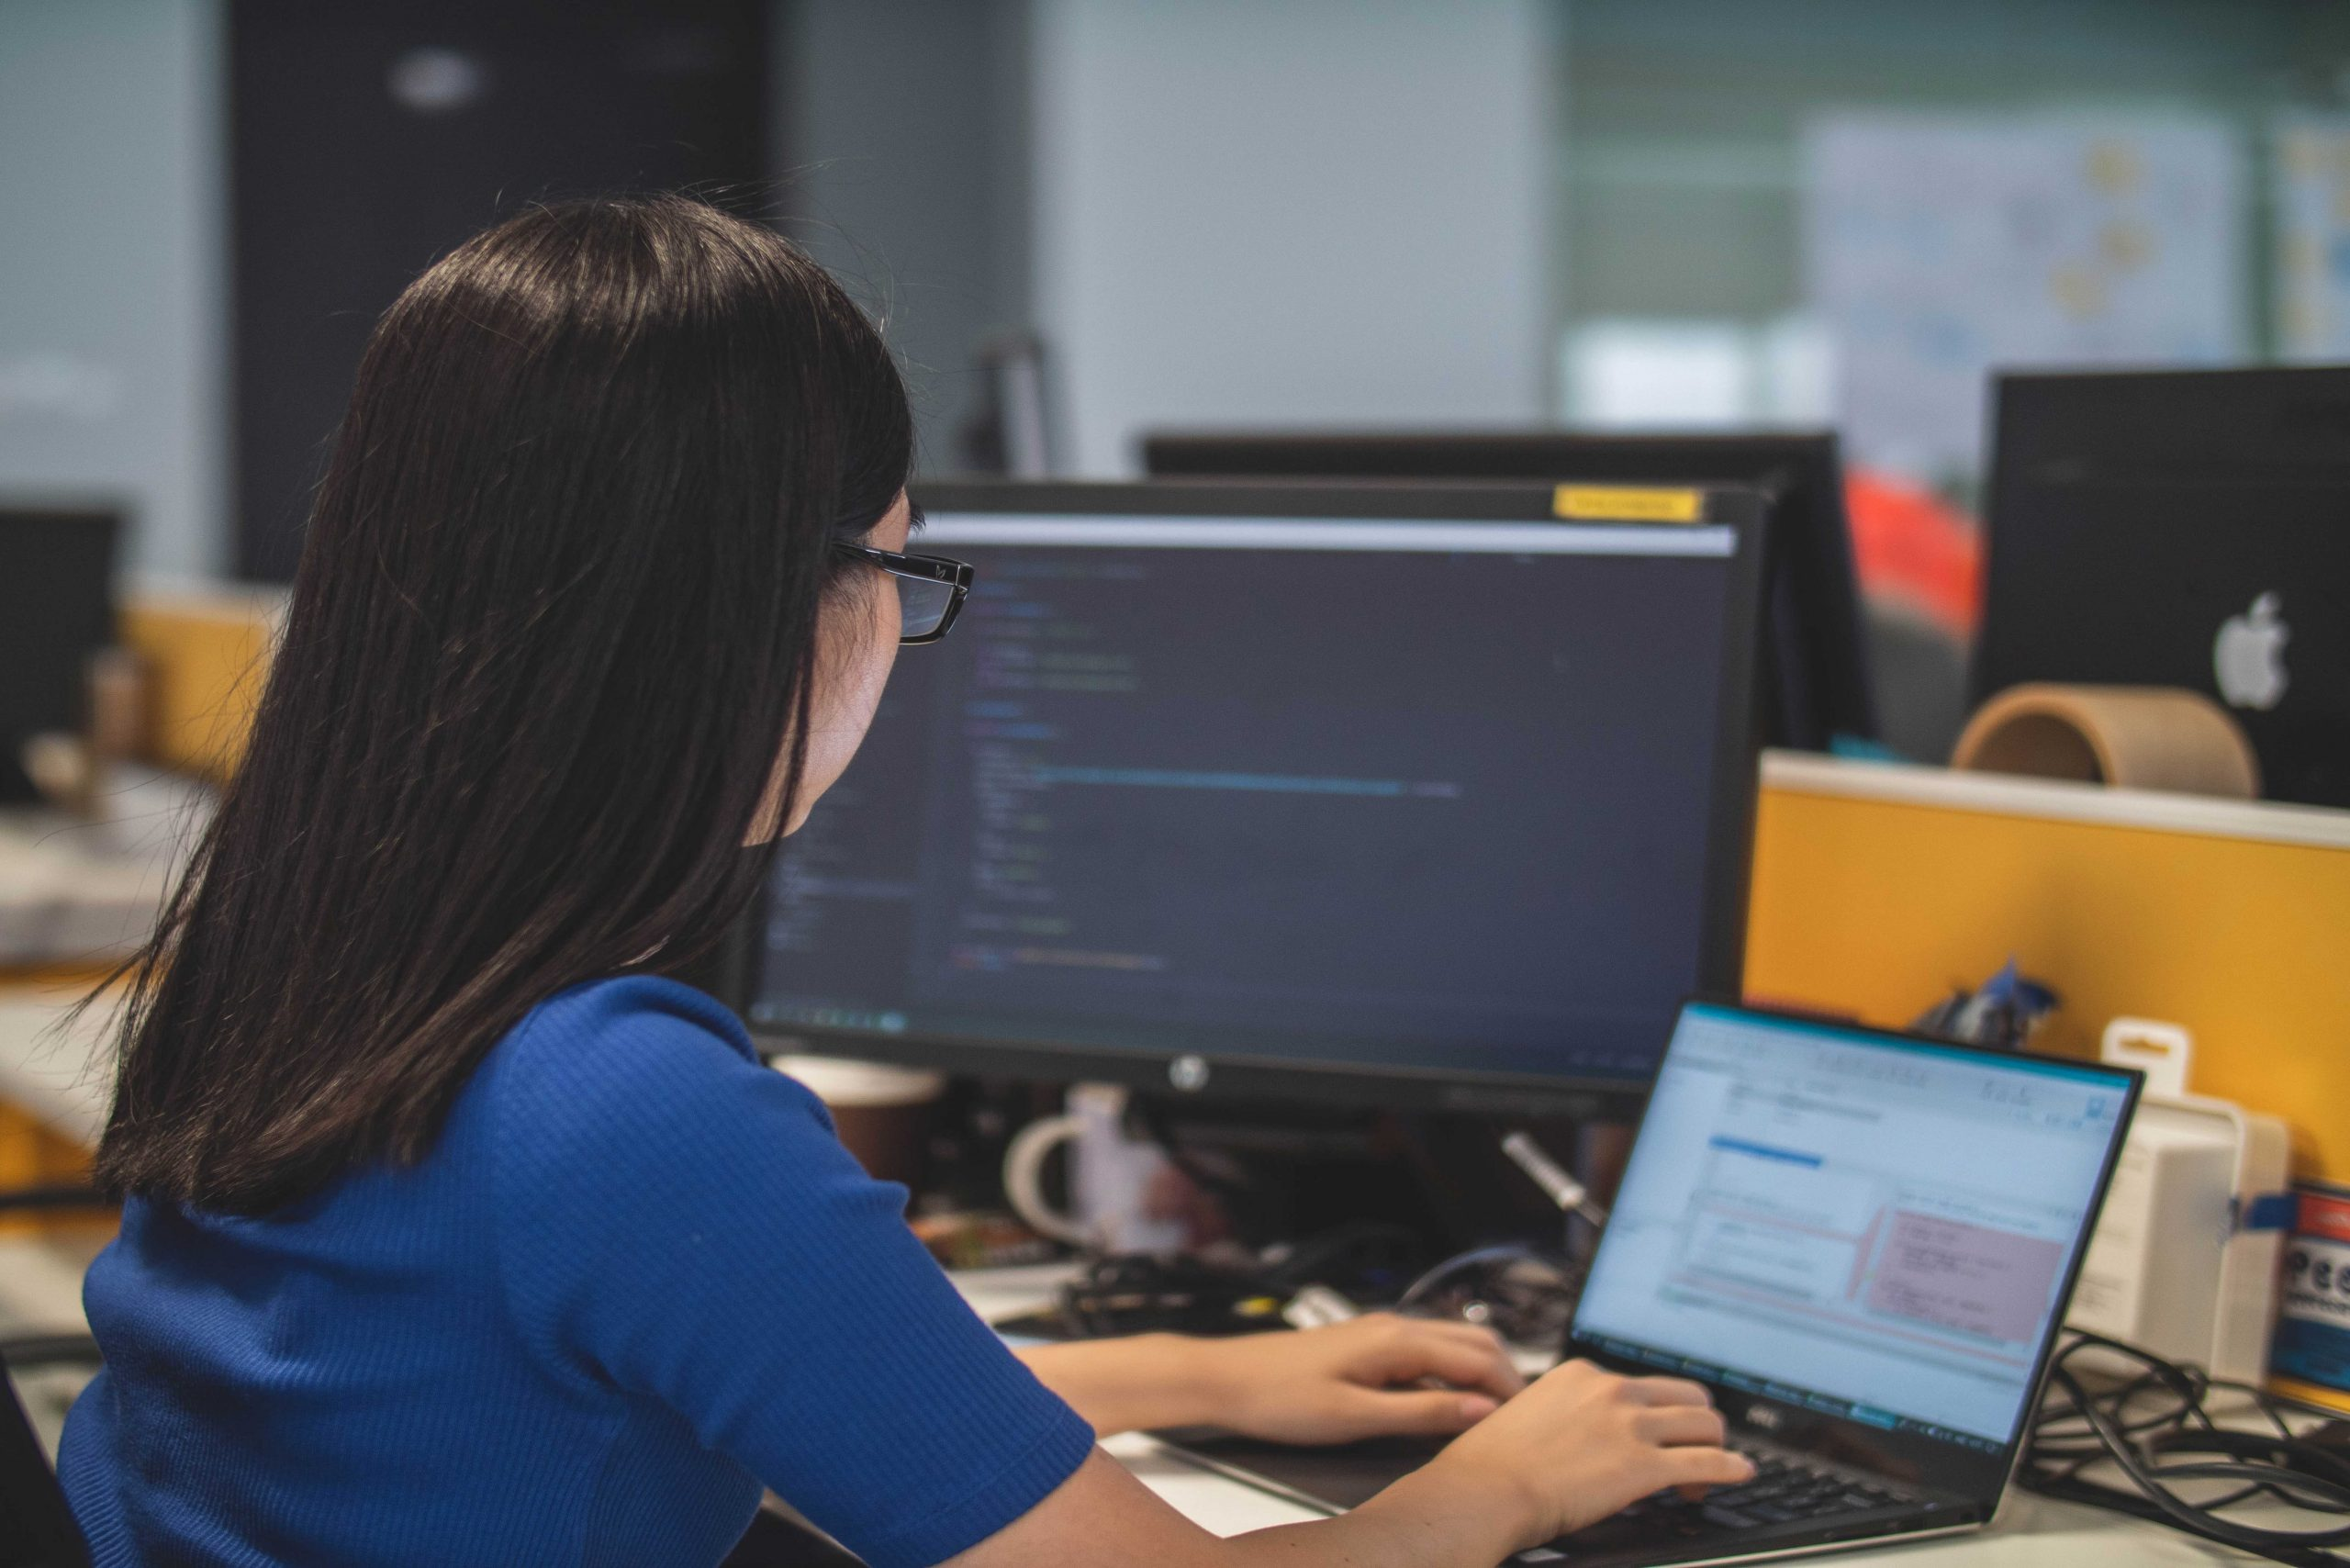 une développeuse au bureau devant deux ordinateurs